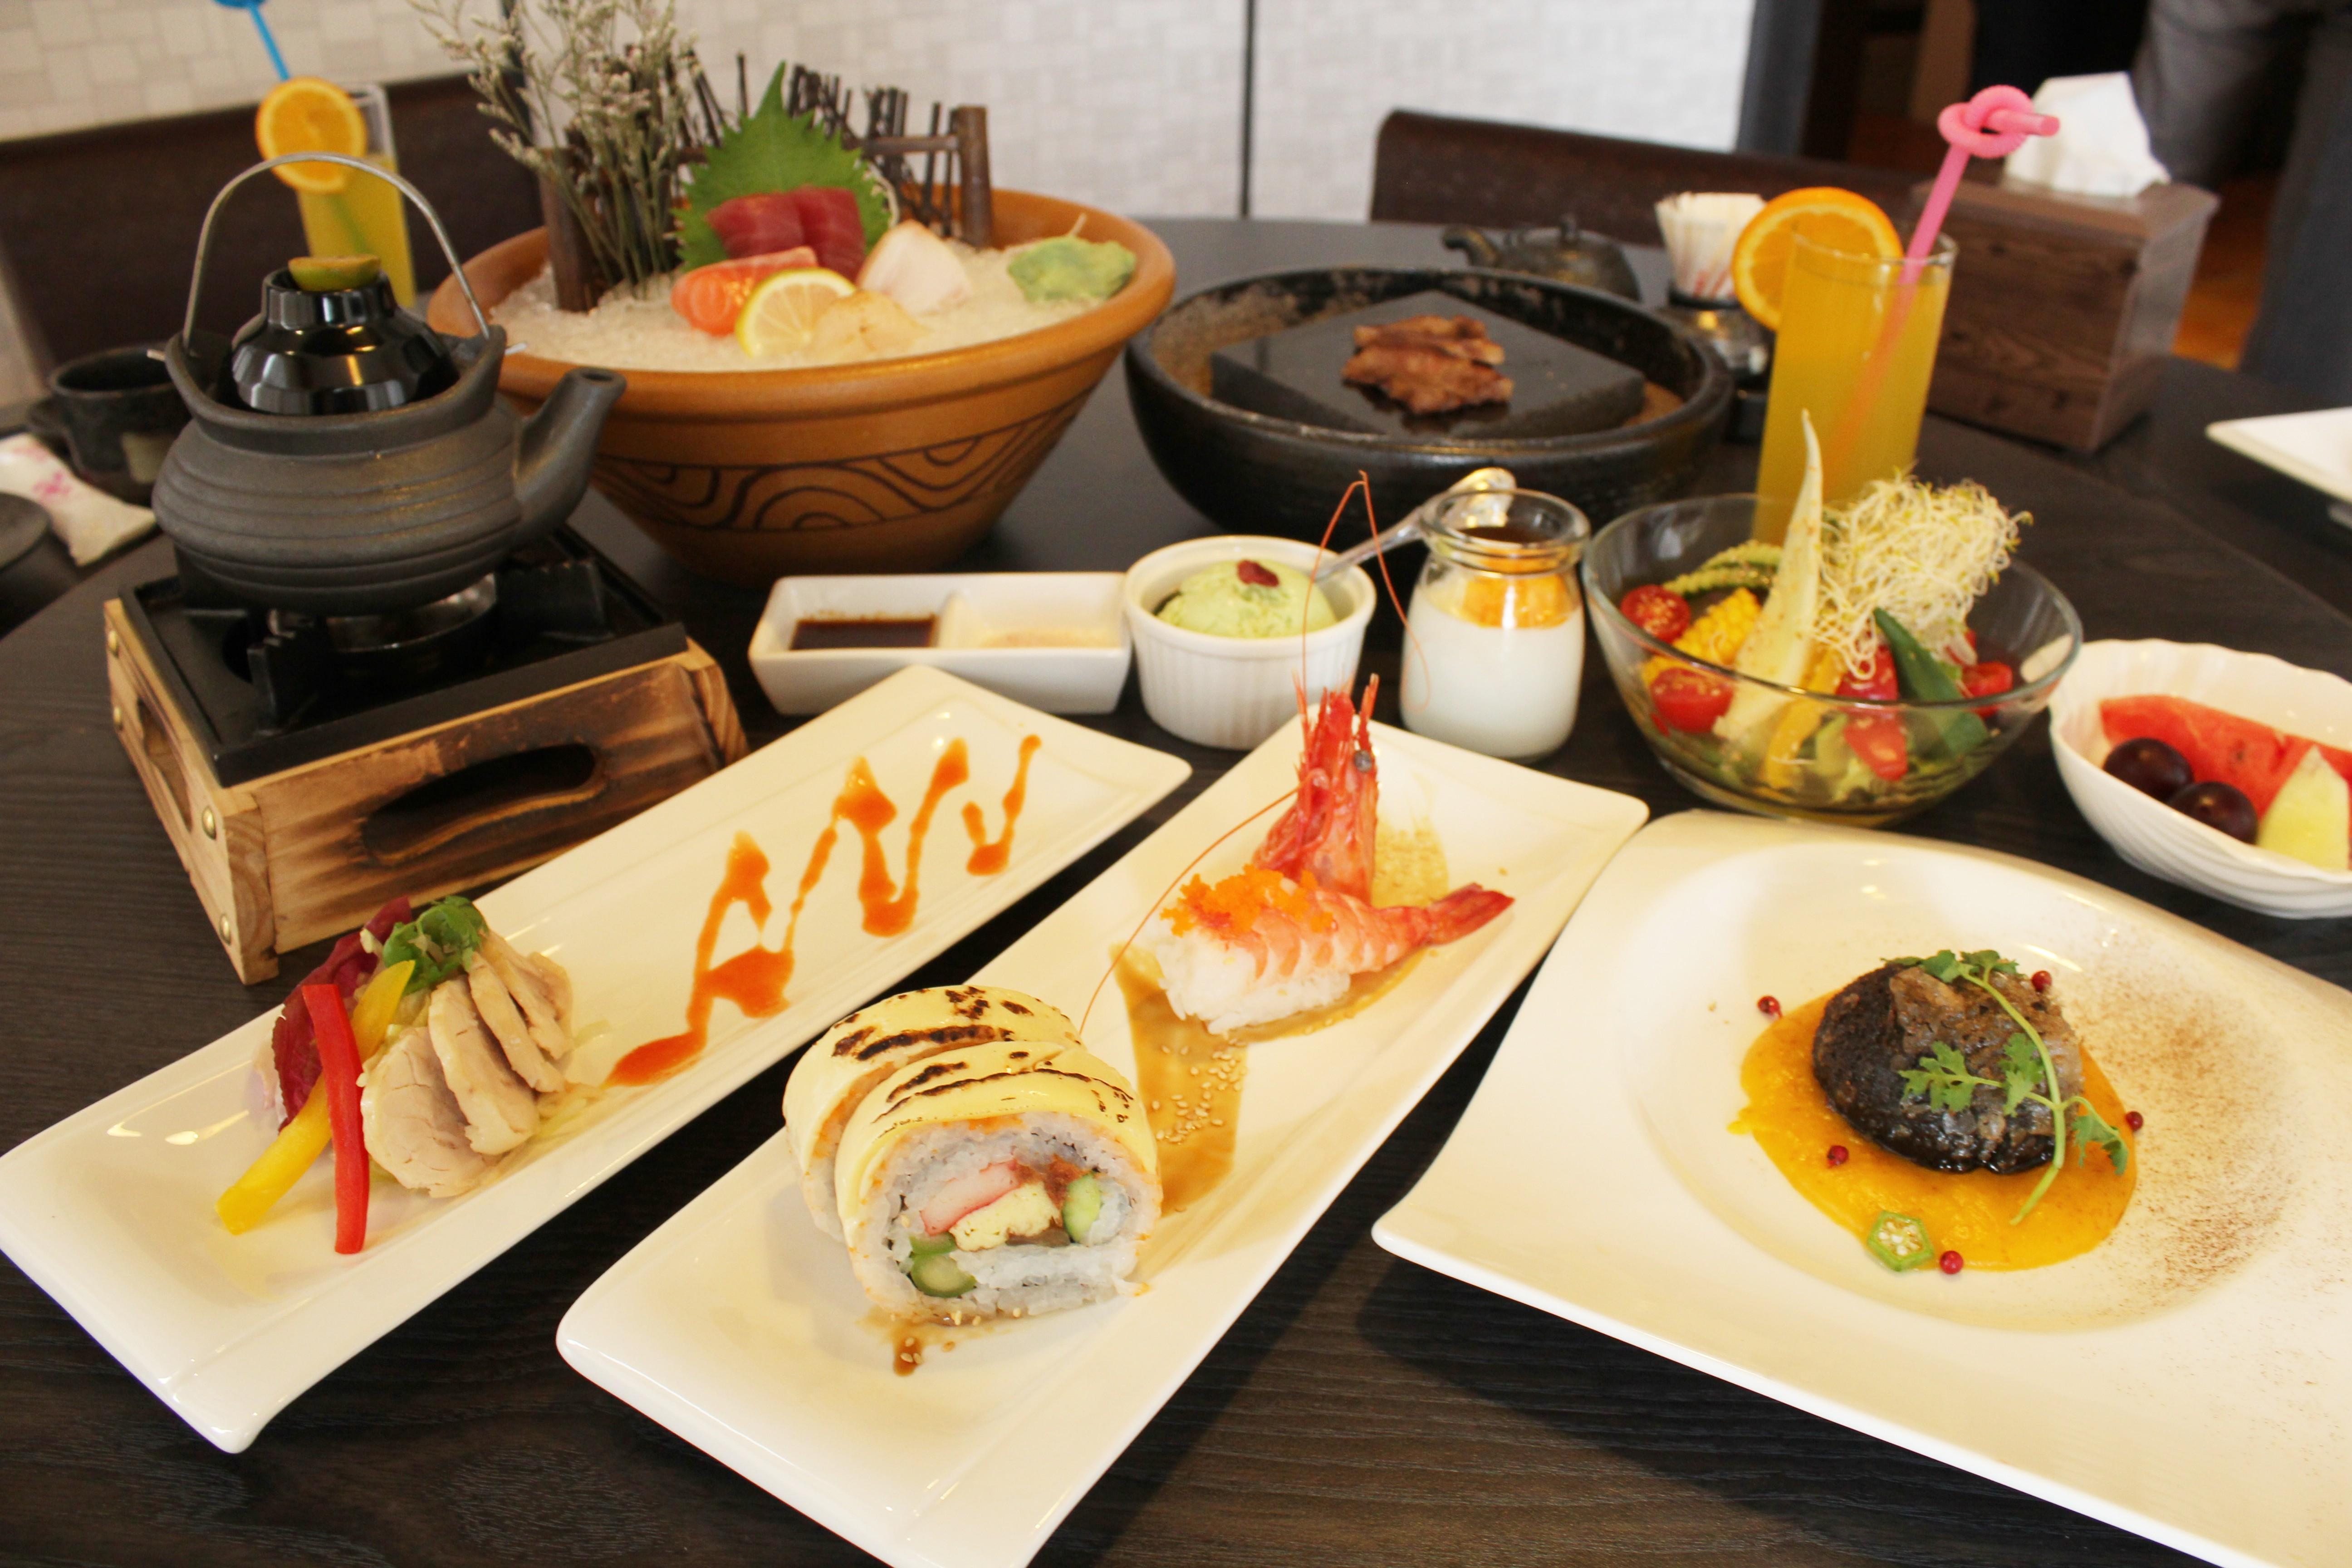 日式料理 : 韓国B級グルメ